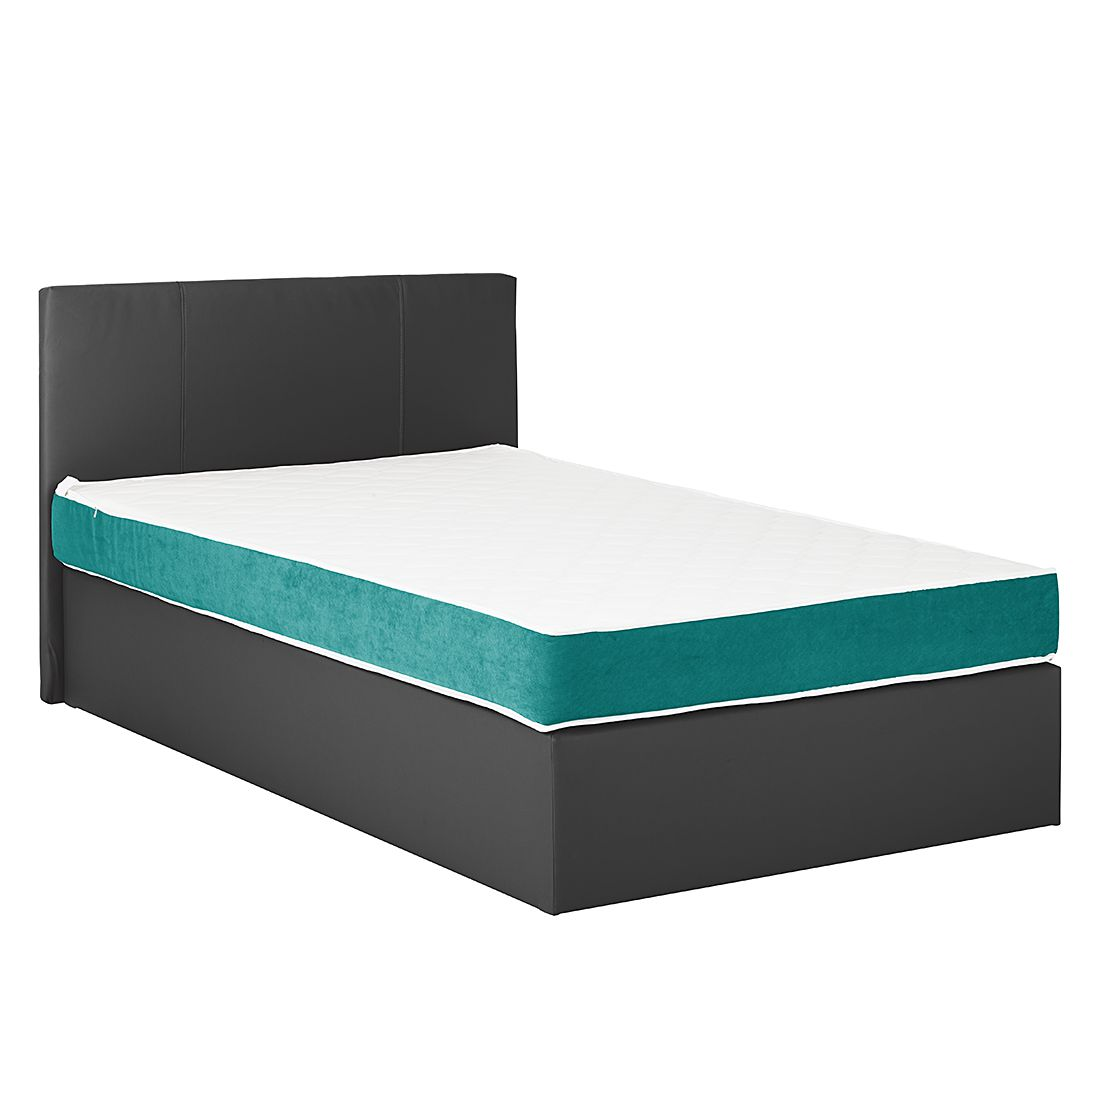 boxspringbett pluto kunstleder webstoff ohne topper 200 x 200cm schwarz petrol. Black Bedroom Furniture Sets. Home Design Ideas